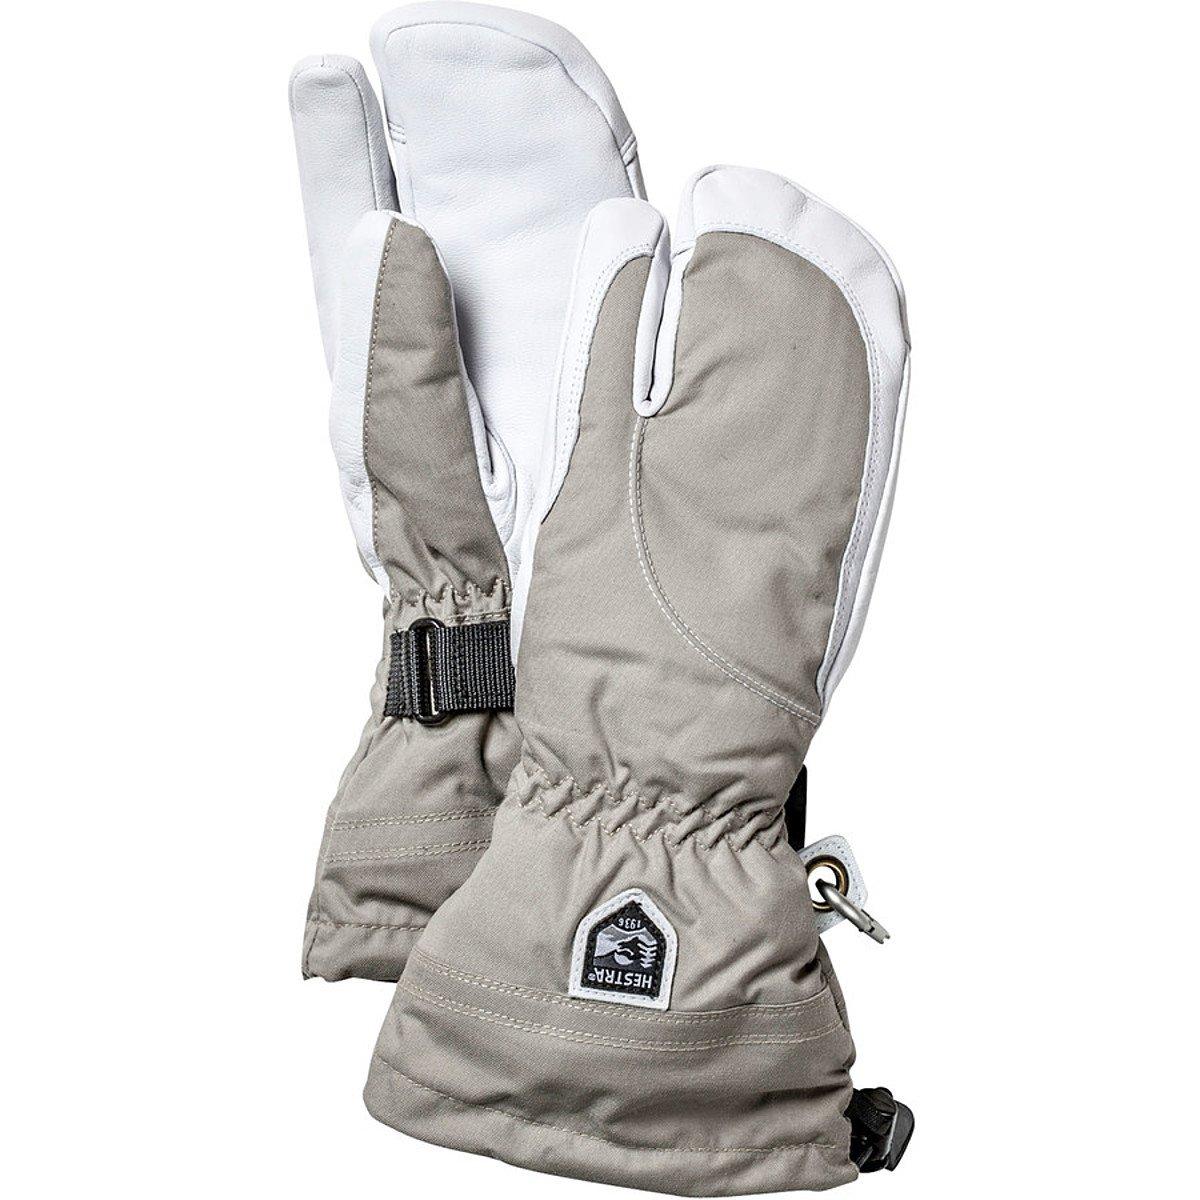 Hestra Women's Heli 3-Finger Gloves - Khaki/Off White - 5